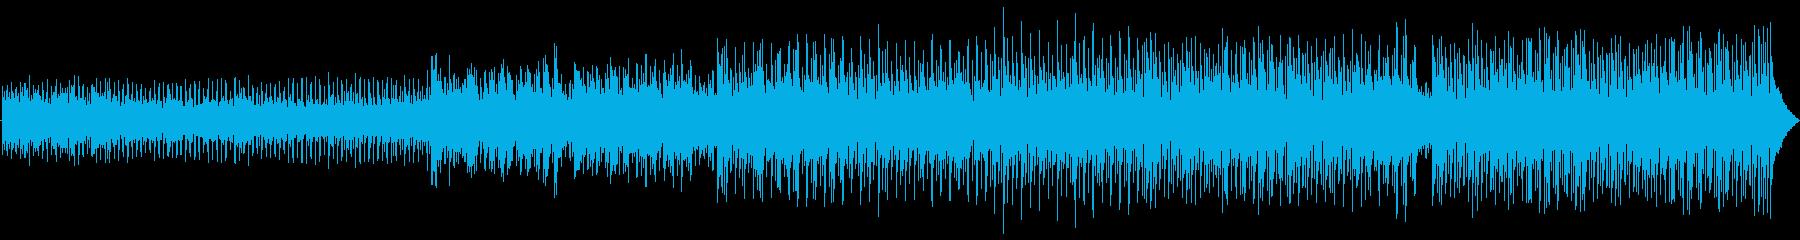 オリジナルのメロディーを備えたロマ...の再生済みの波形